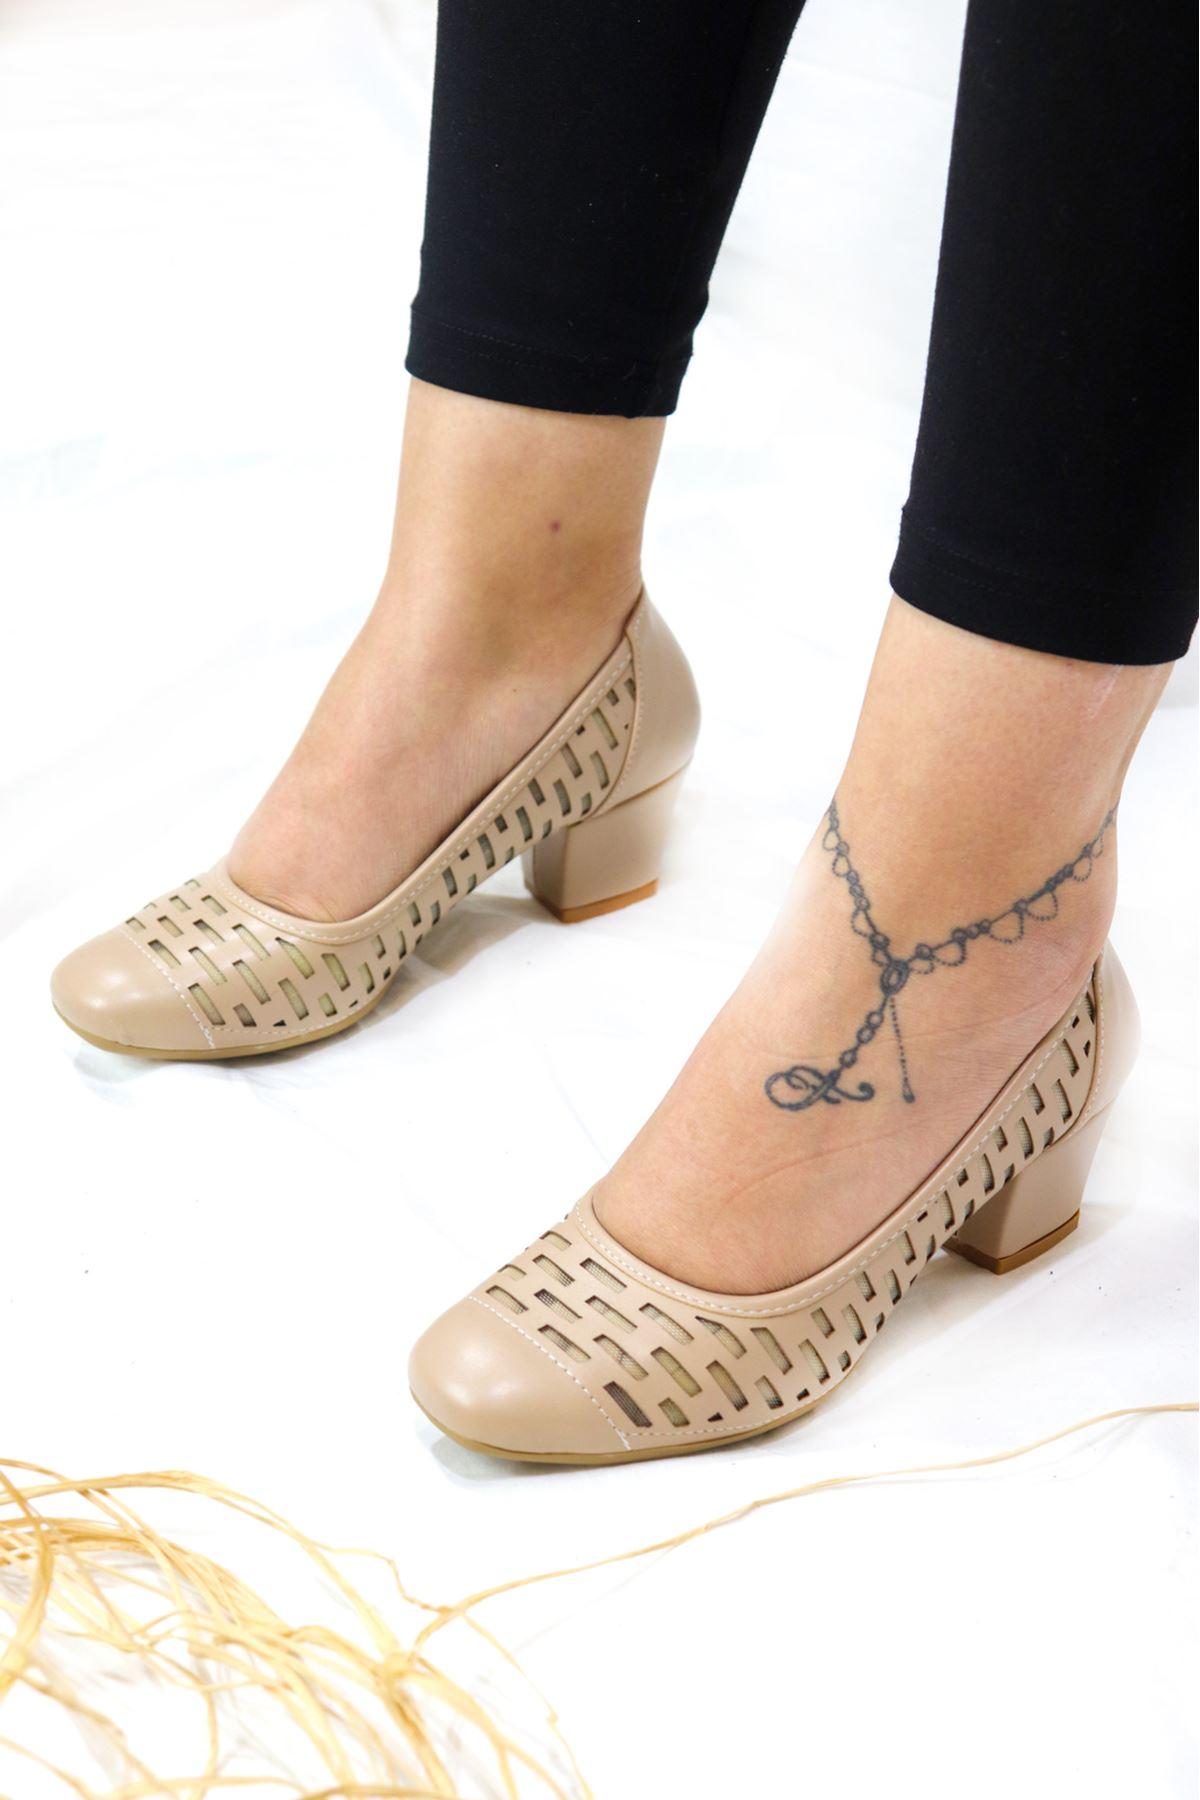 Trendayakkabı - Bej Kadın Topuklu Ayakkabı